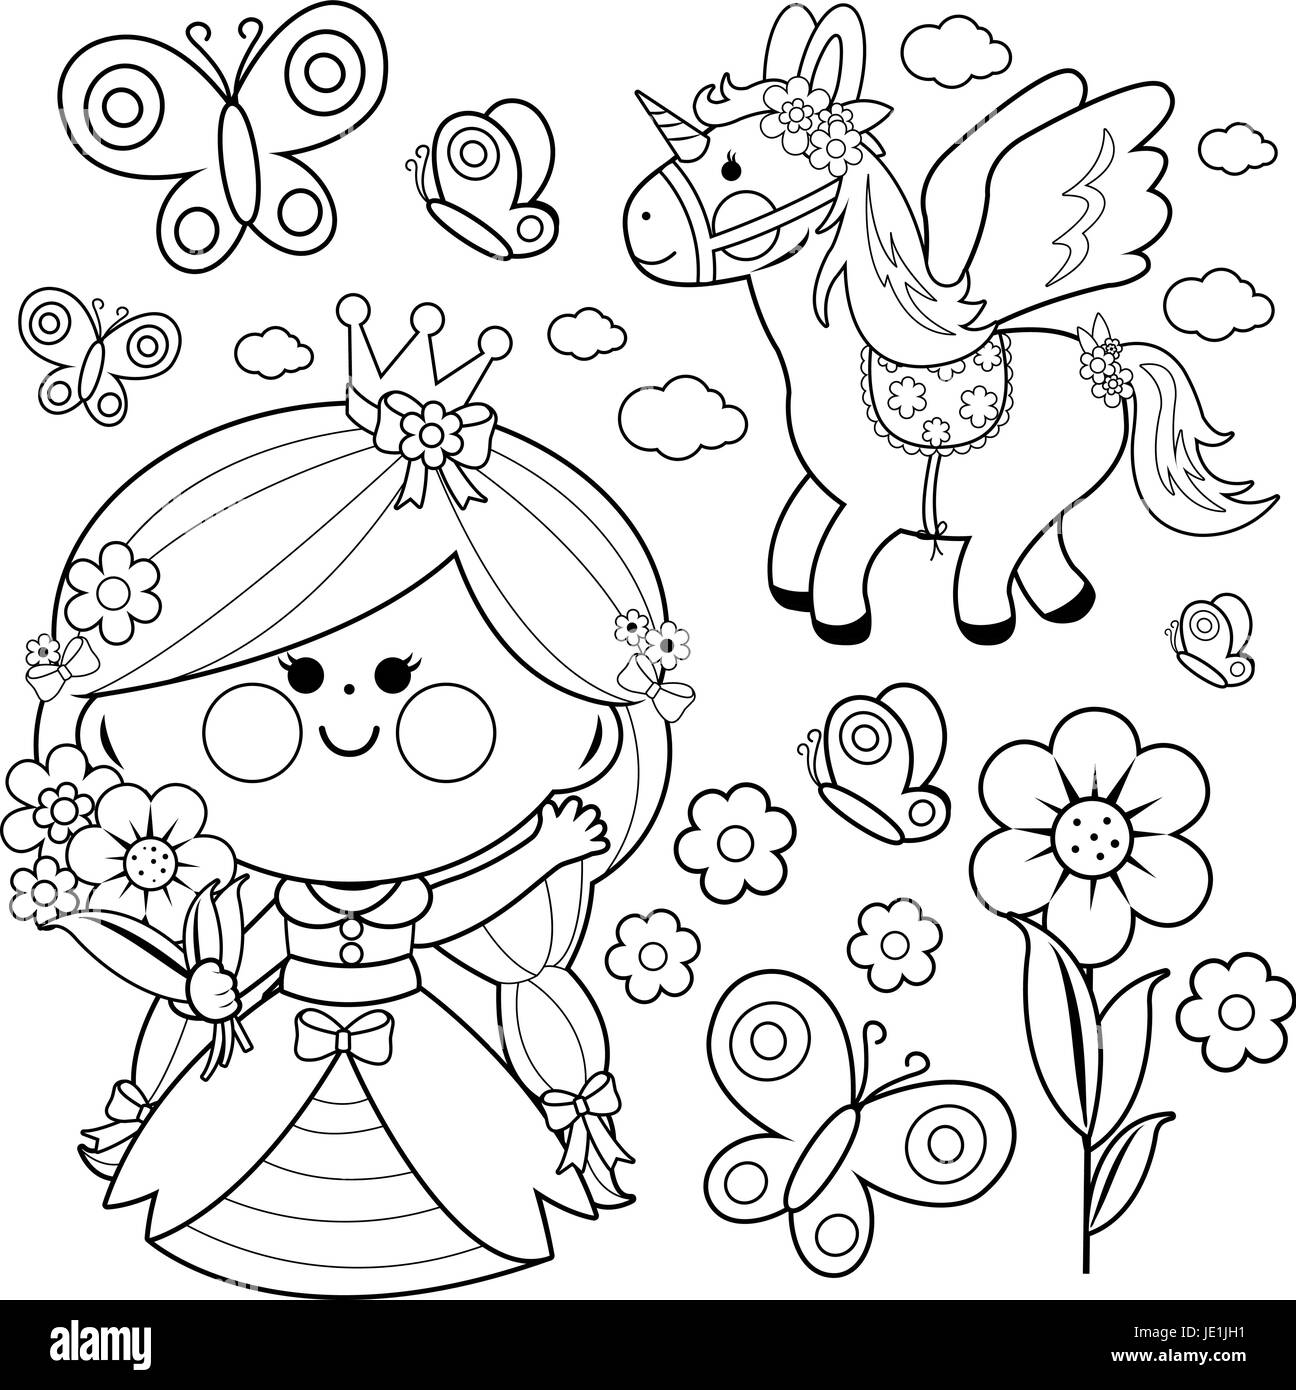 Ziemlich Fairy Tail Anime Malvorlagen Fotos - Malvorlagen Von Tieren ...